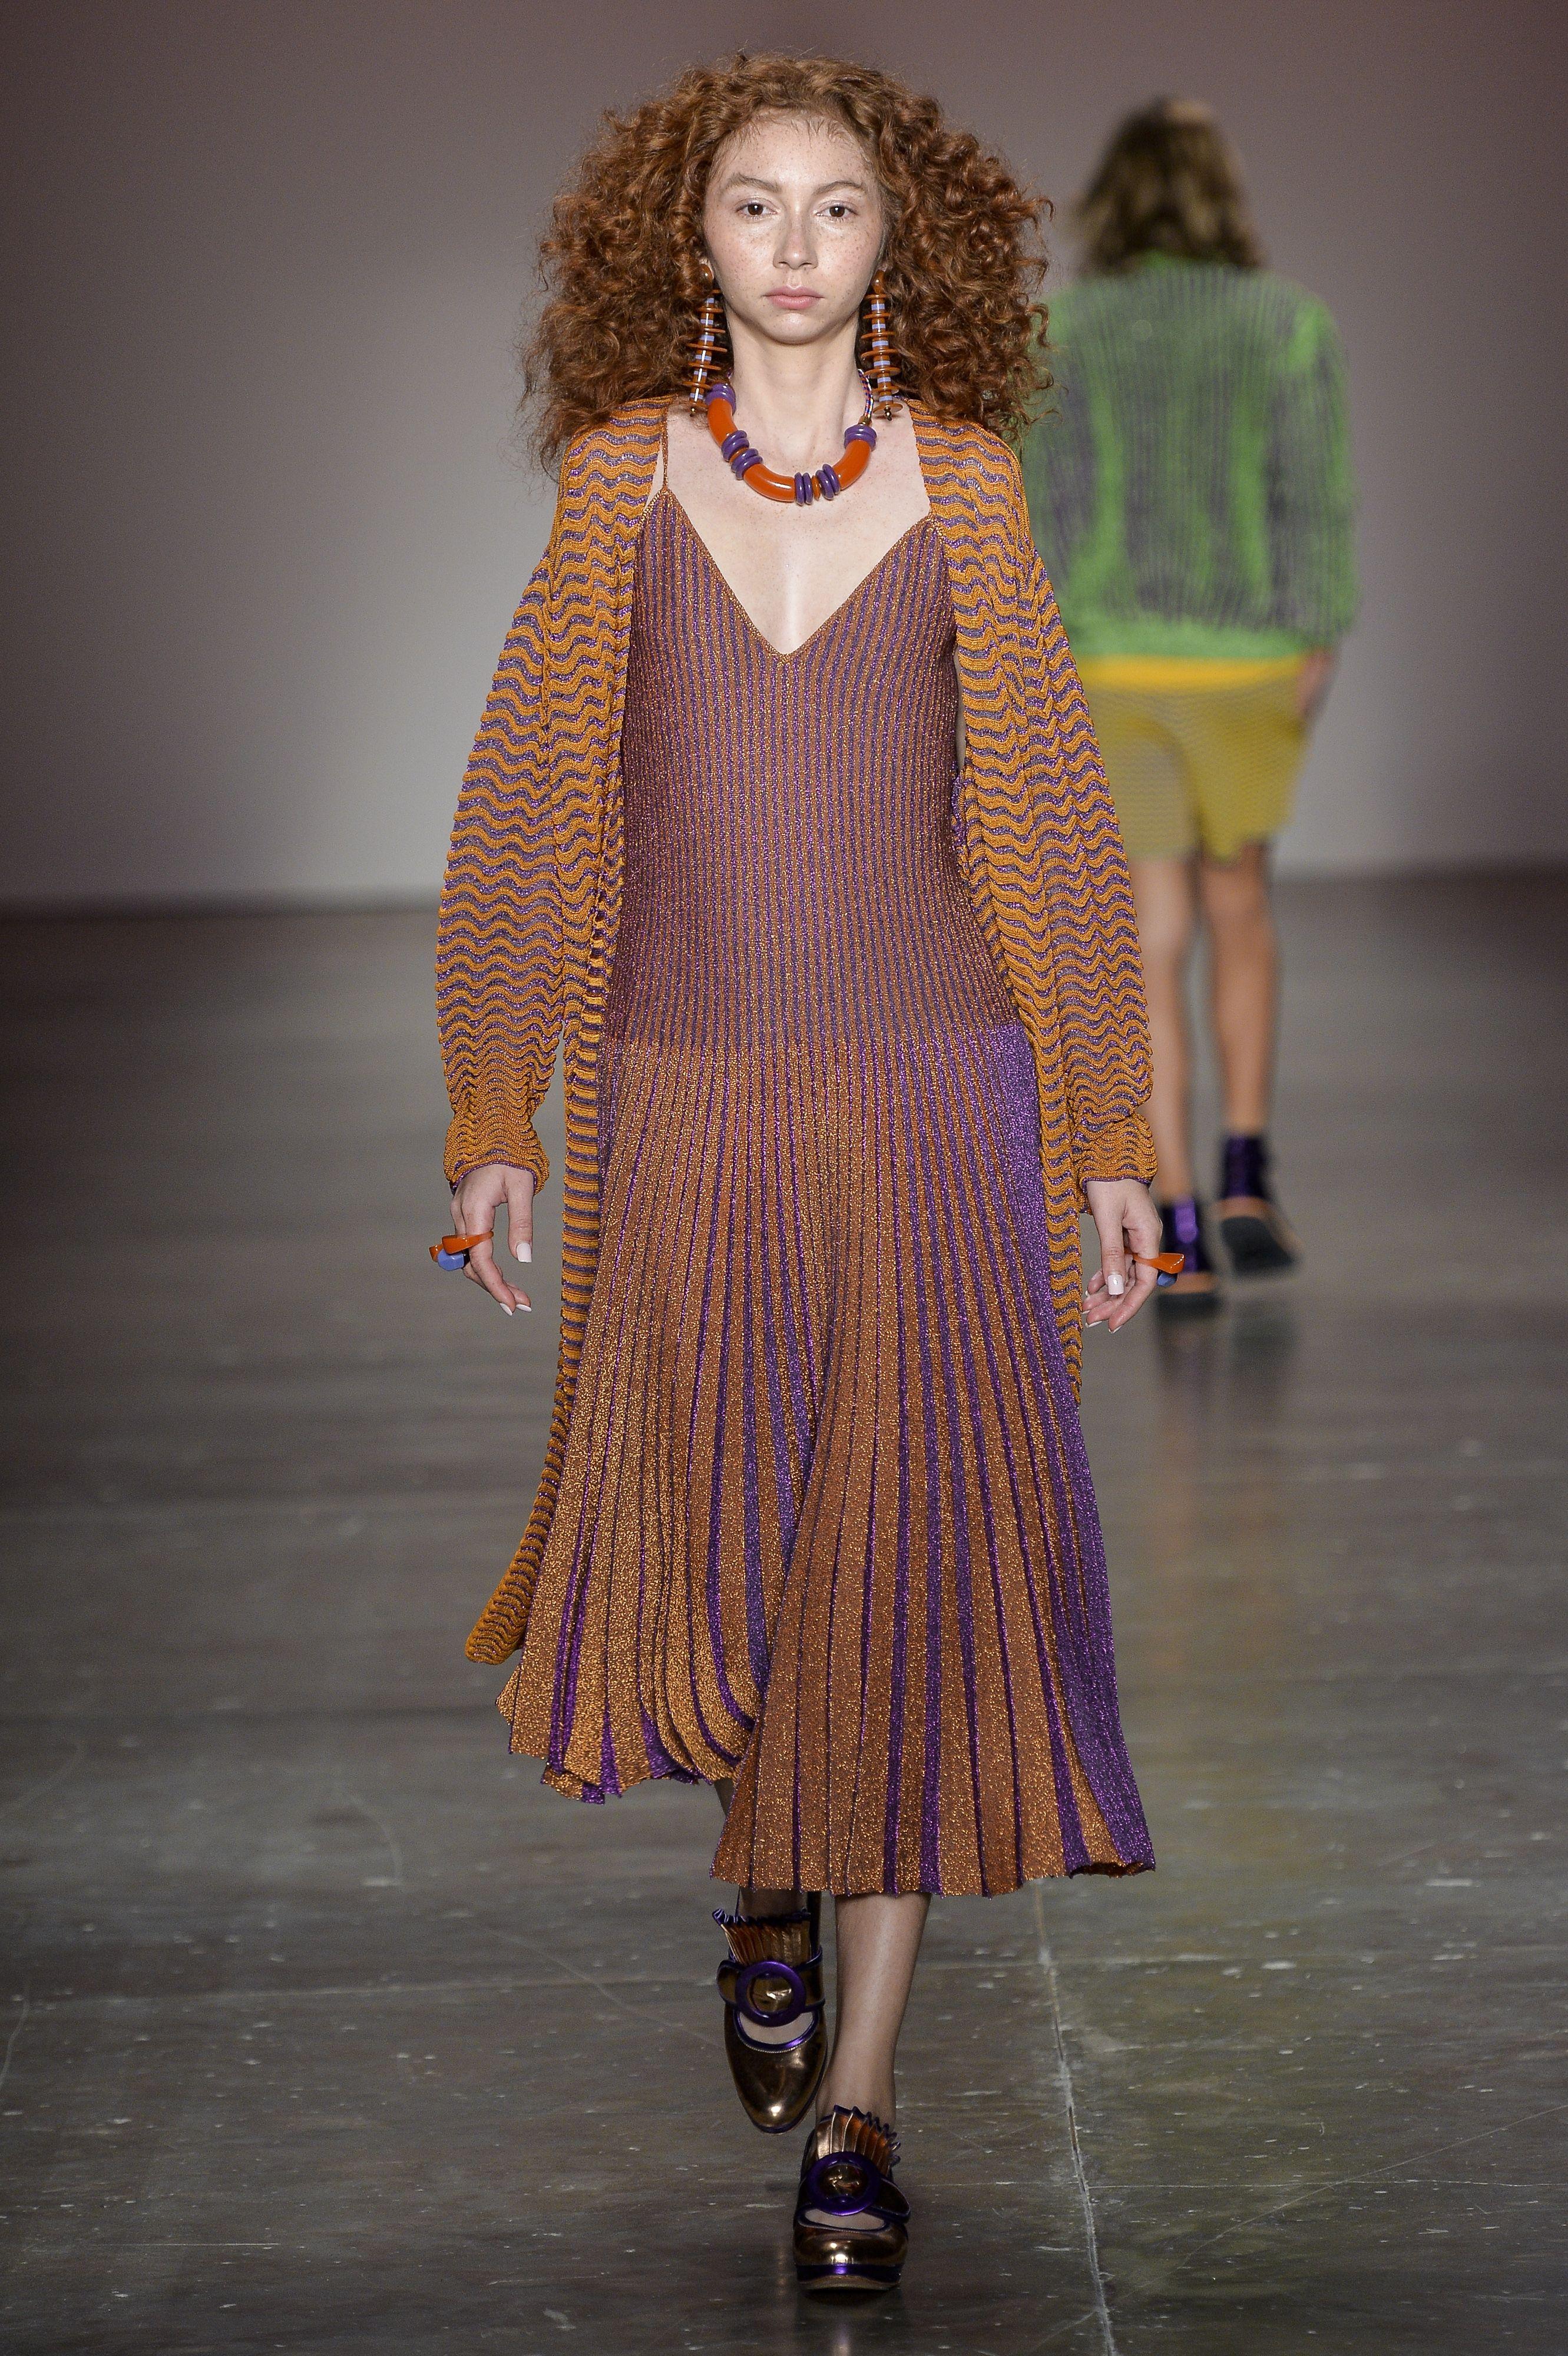 Vestido midi de tricô com lurex plissado roxo e dourado e cardigan em zig zag de tricô. Desfile GIG Couture no São Paulo Fashion Week. SPFW | VERÃO 2017